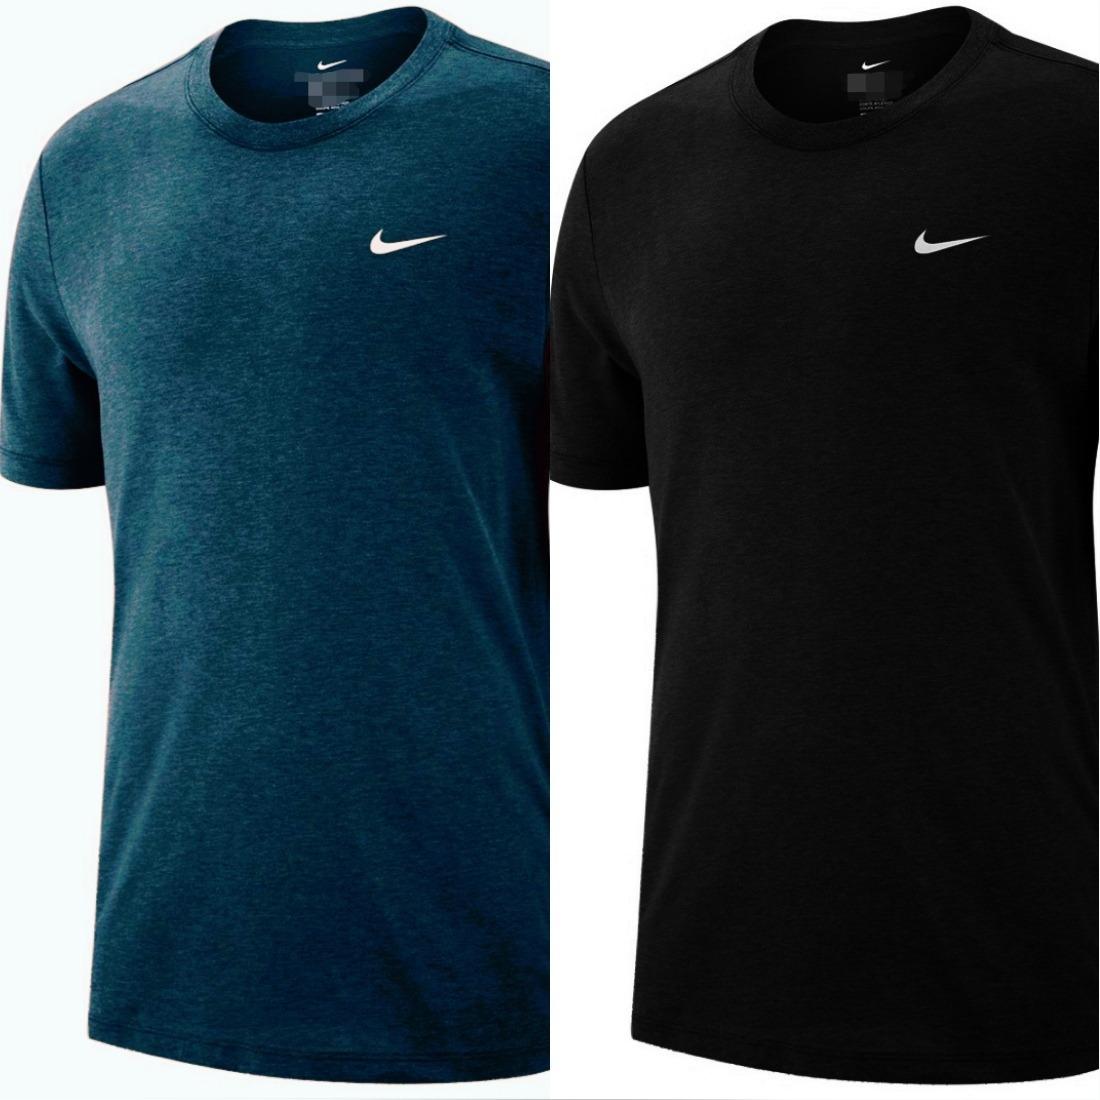 Franelas Nike Dri-fit Hombre Promo 2pack Xl, Calidad A-1.